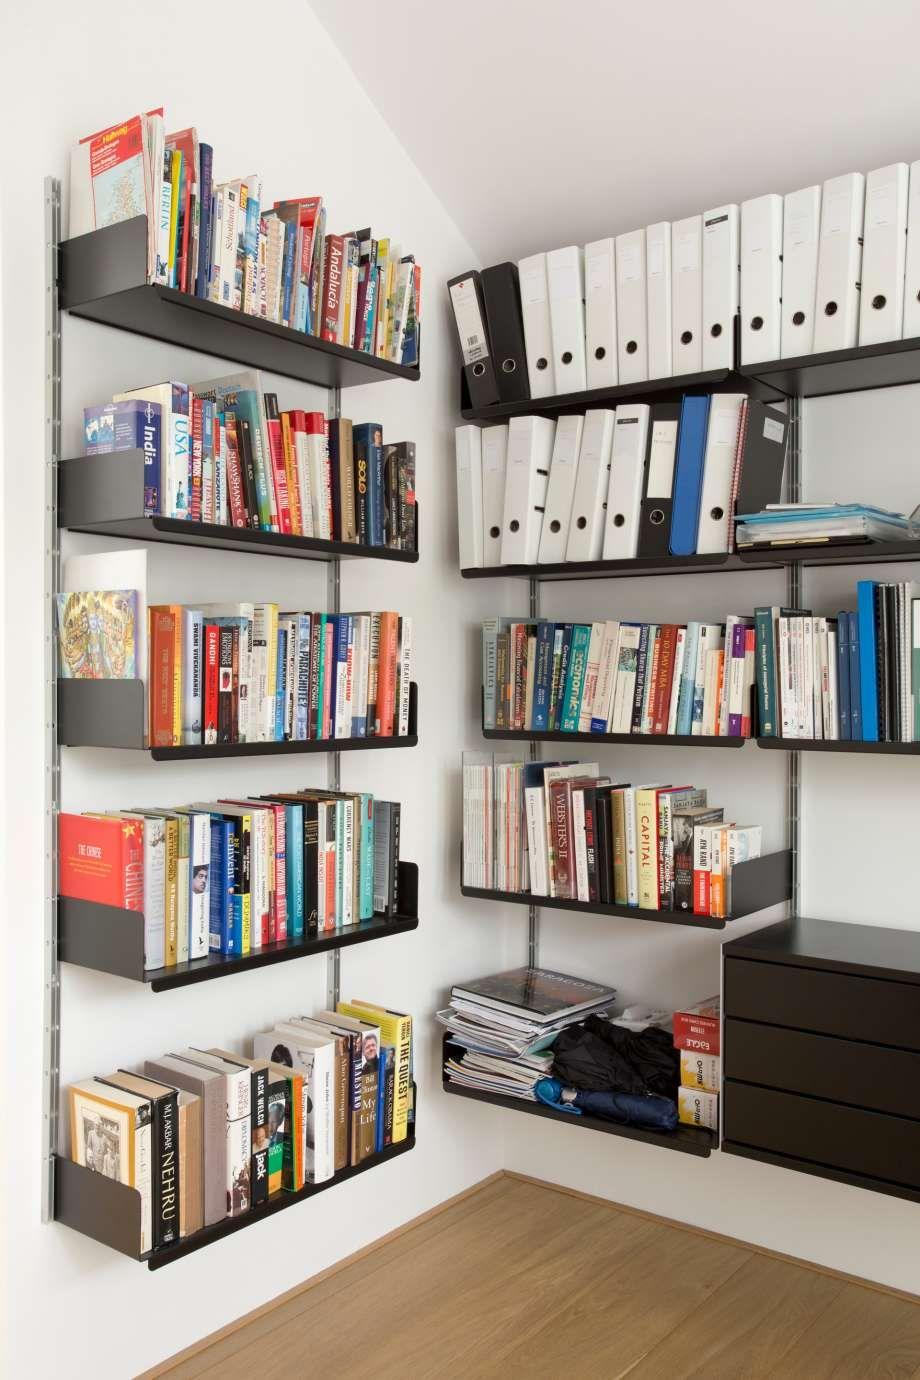 本棚 | ギャラリー | 606 ユニバーサル・シェルビング・システム ...